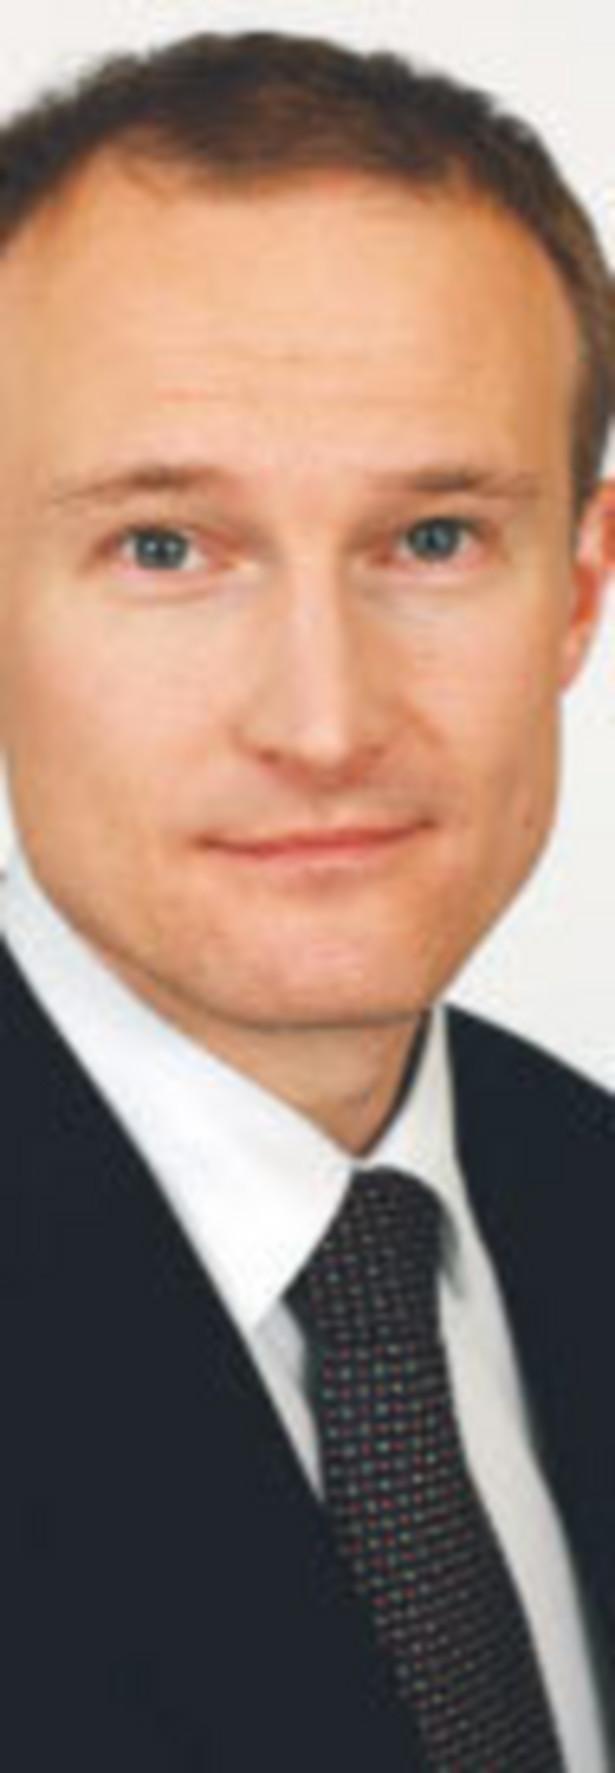 Piotr Kondratowicz, Manager w KPMG Advisory